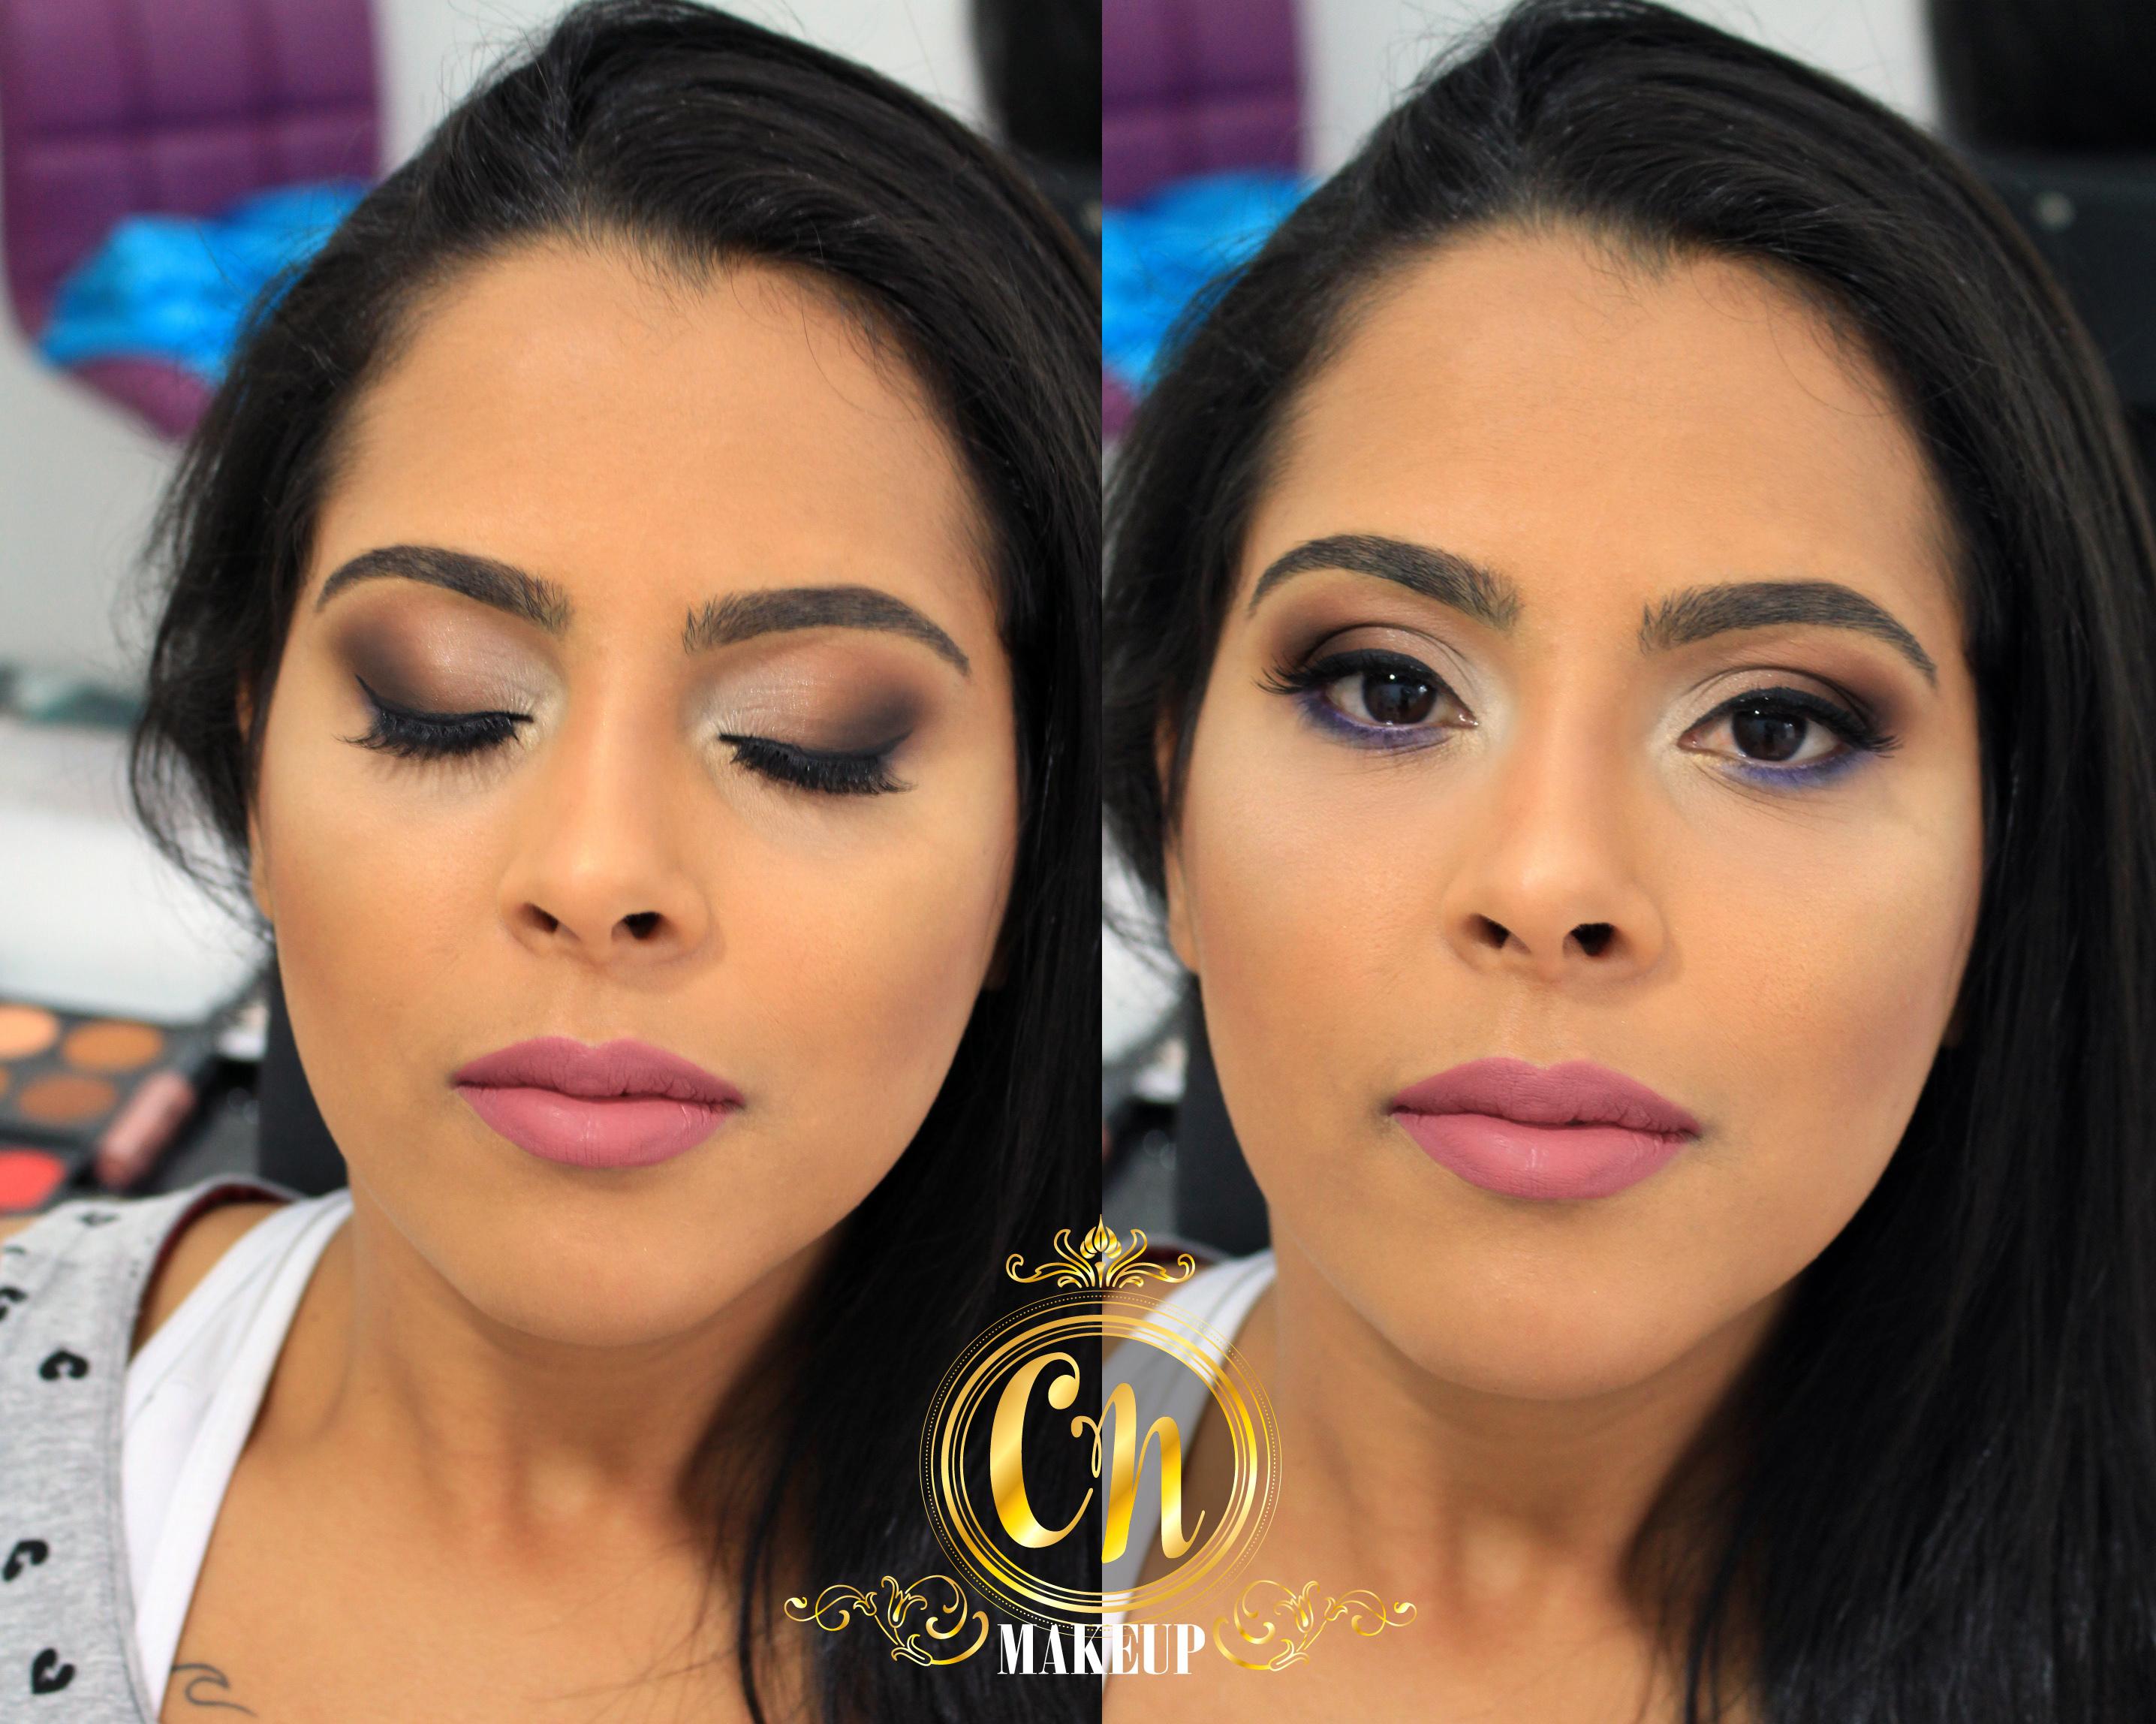 Maquiagem para madrinha de casamento, neutra com toque de cor pra destacar!  #maquiagempelenegra #pelenegra #maquiagem #maquiadoraubatuba #maquiagemubatuba #maquiadoracaraguatatuba #makeup #mua #ubatuba #caraguatatuba #belezaubatuba #madrinha maquiagem maquiador(a)